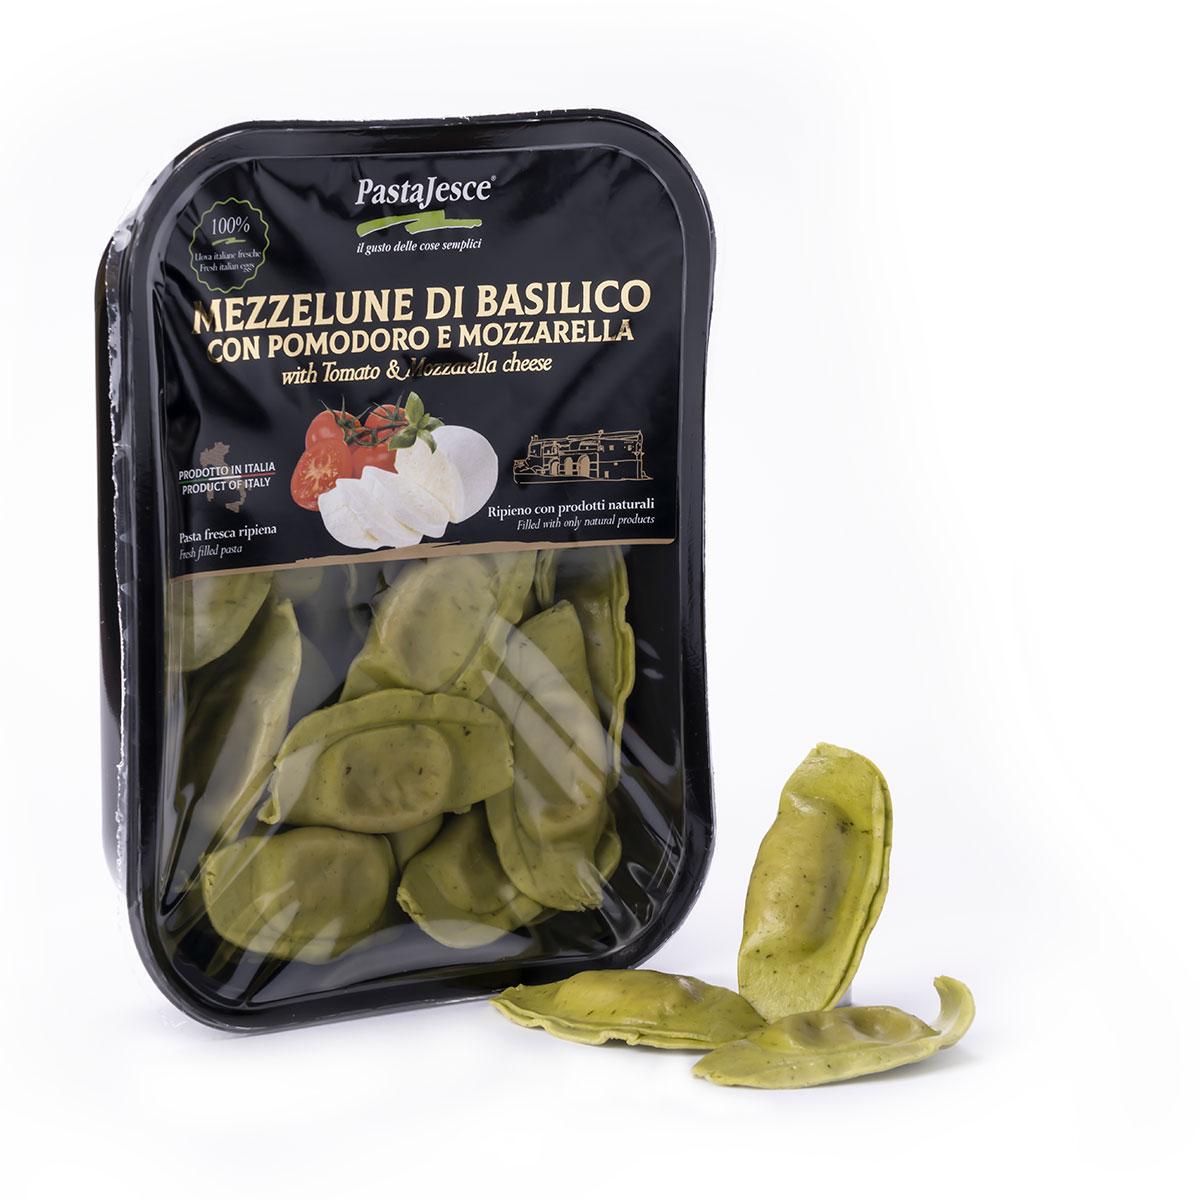 mezzelune_basilico